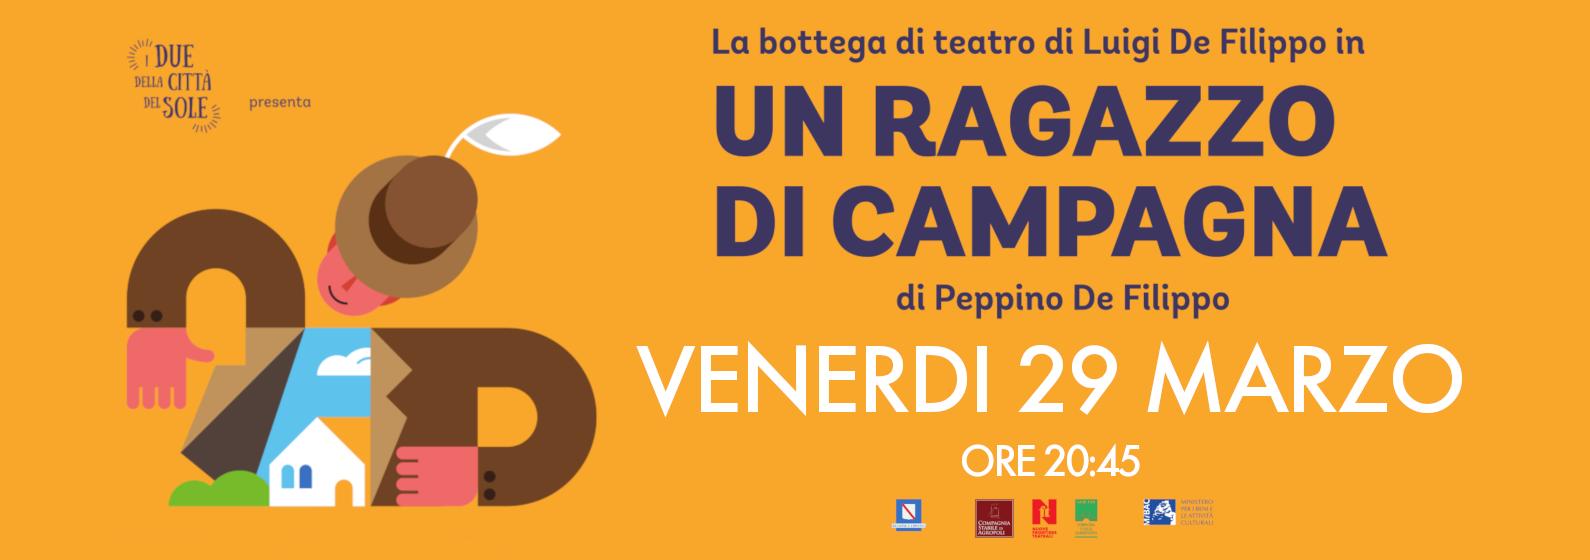 La Bottega di Teatro di Luigi De Filippo il 29 marzo al De Filippo